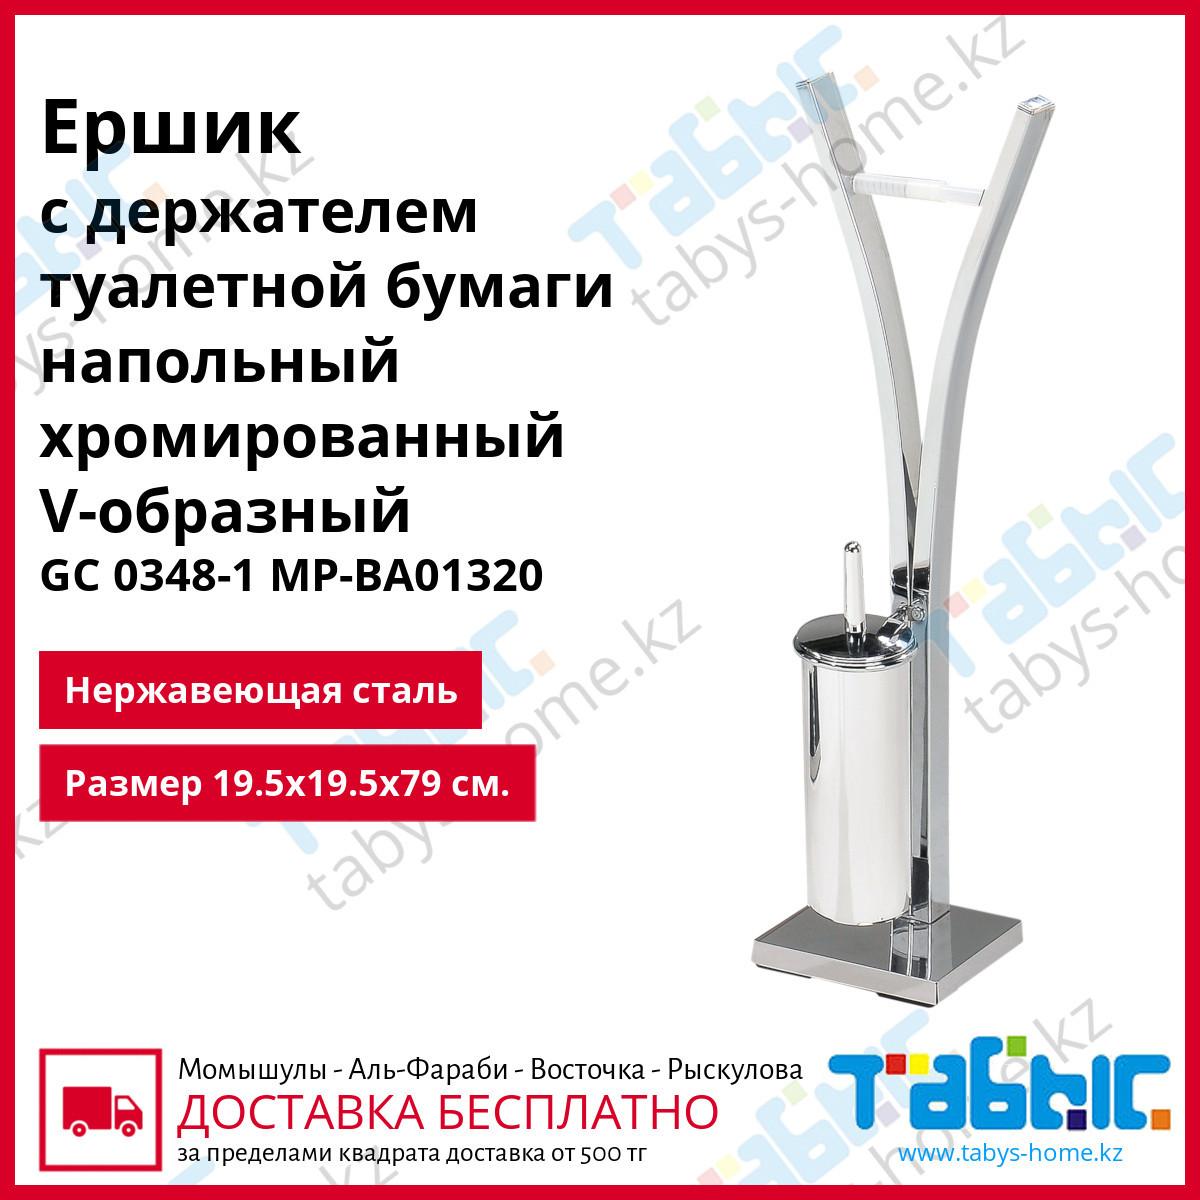 Ершик с держателем туалетной бумаги напольный хромированный  V-образный GC 0348-1 MP-BA01320